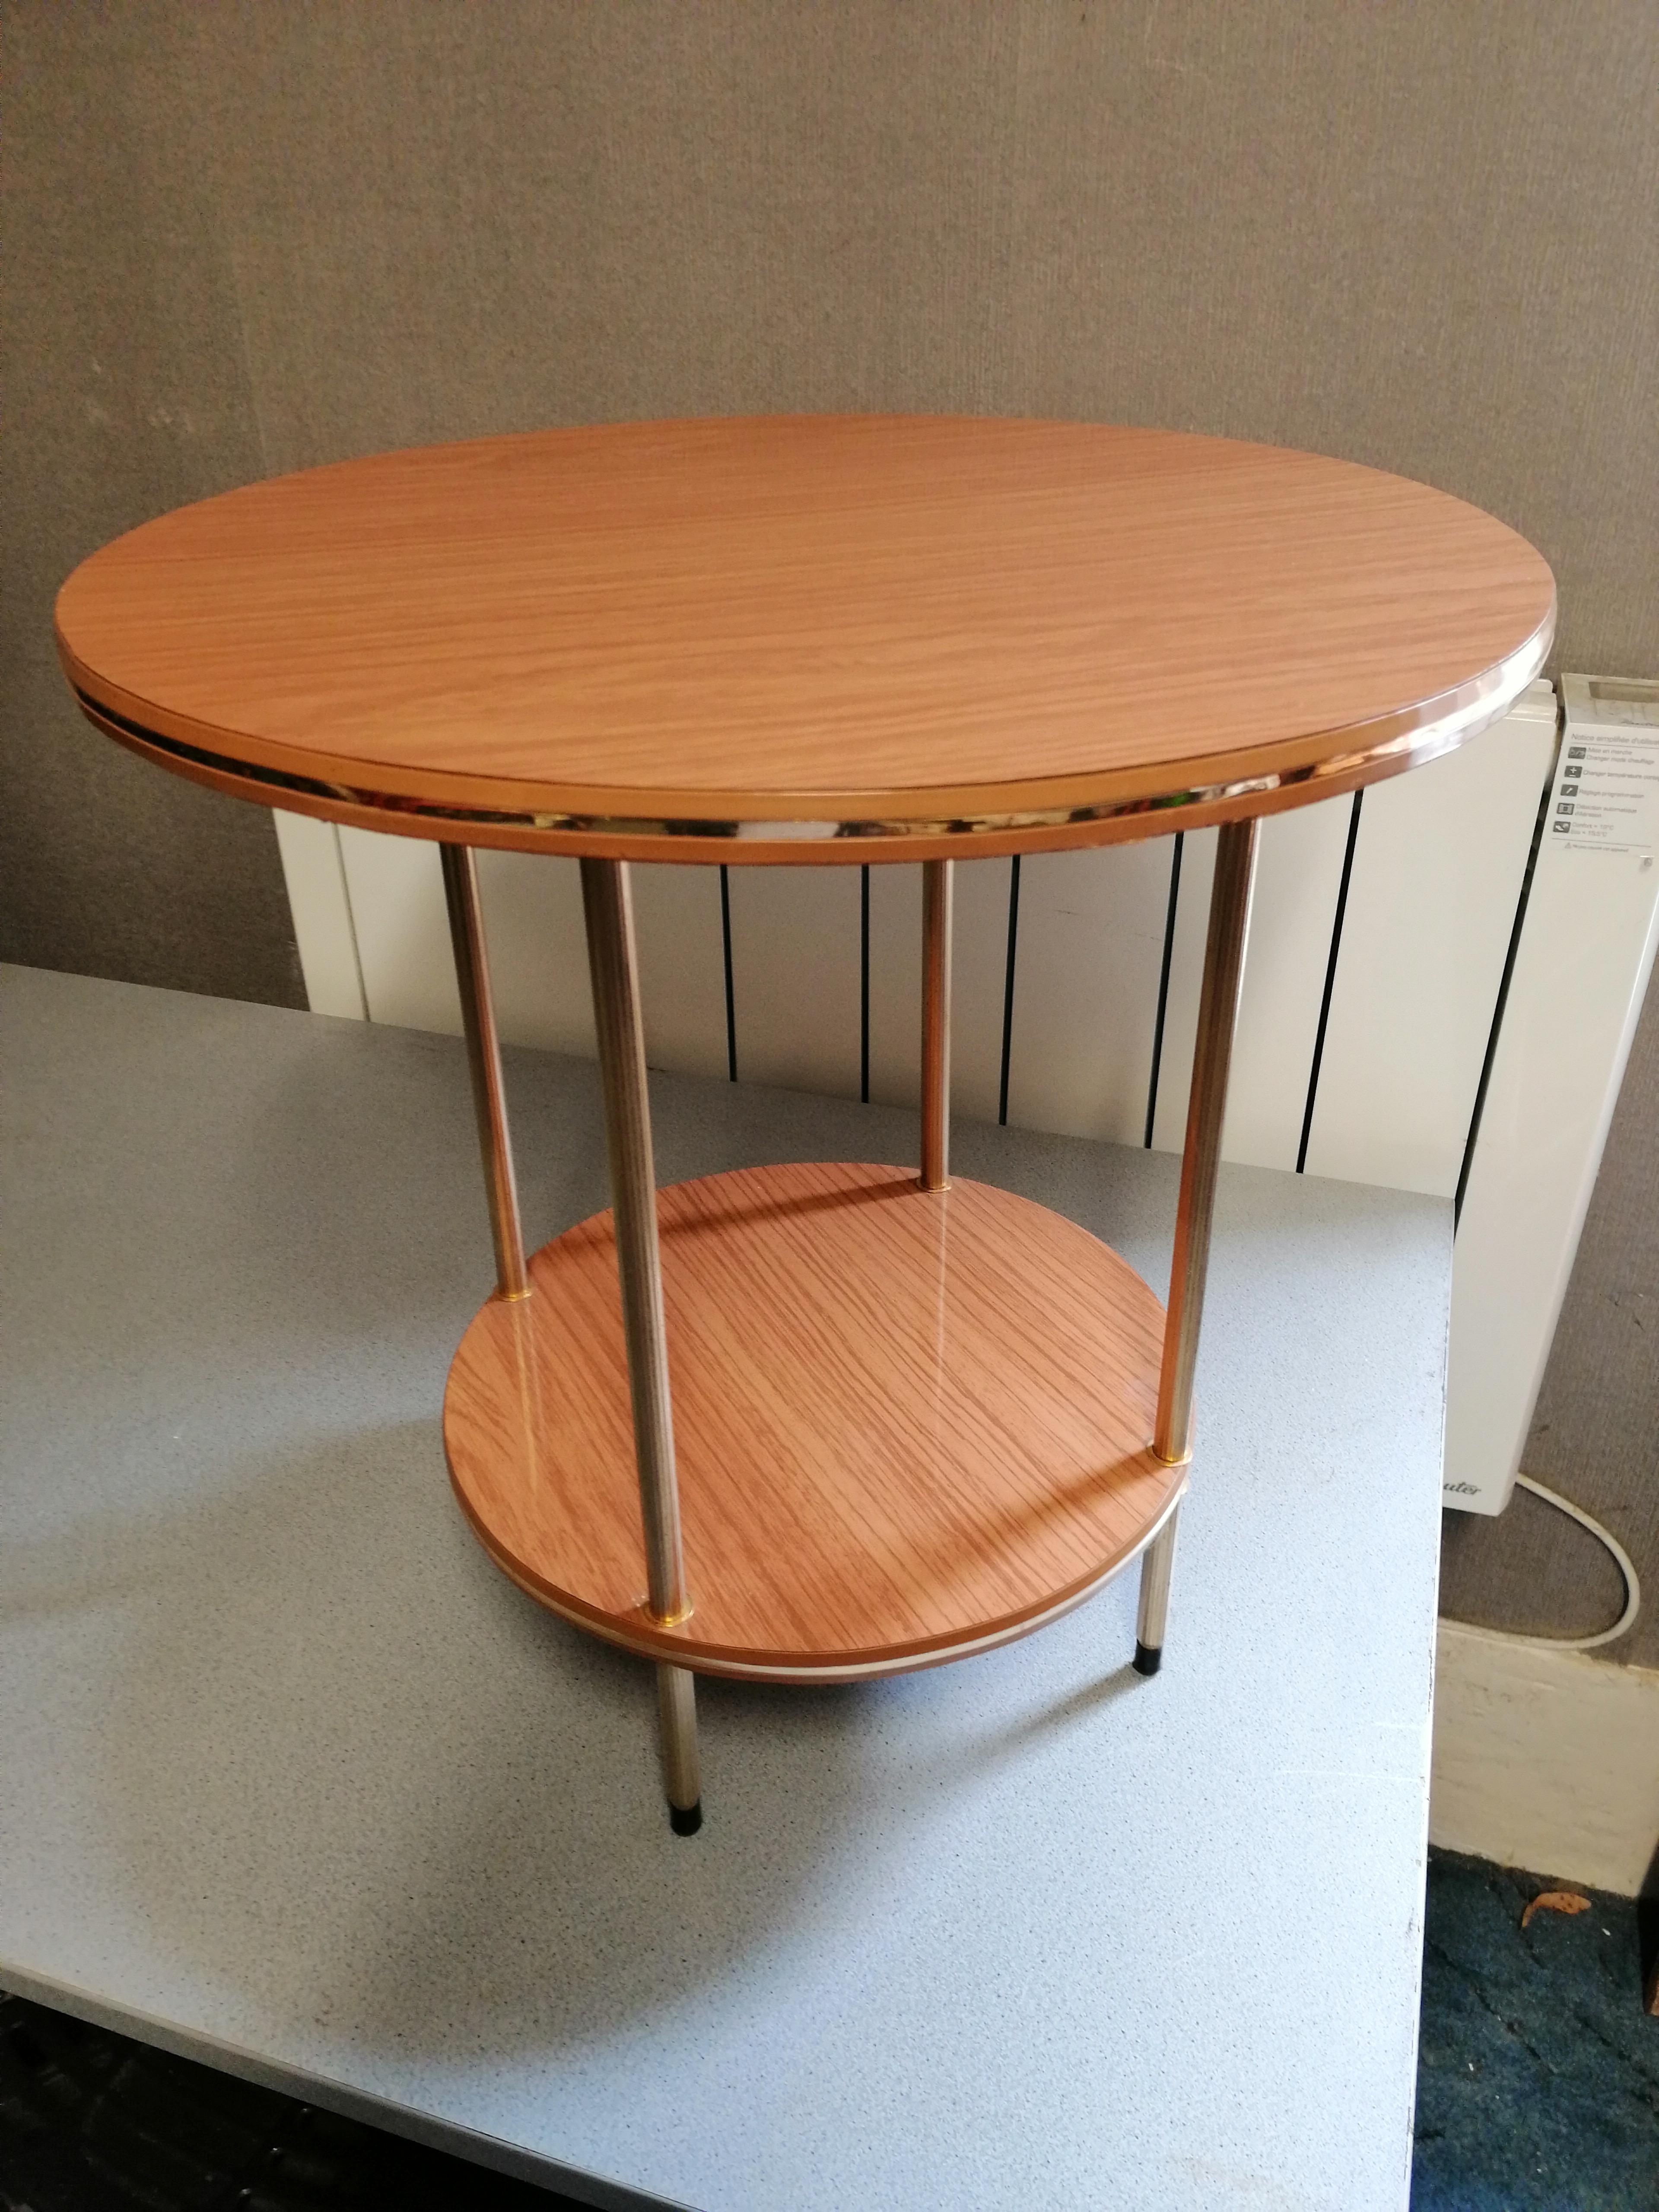 Table Basse En Formica table basse en formica - brocante chez gisele